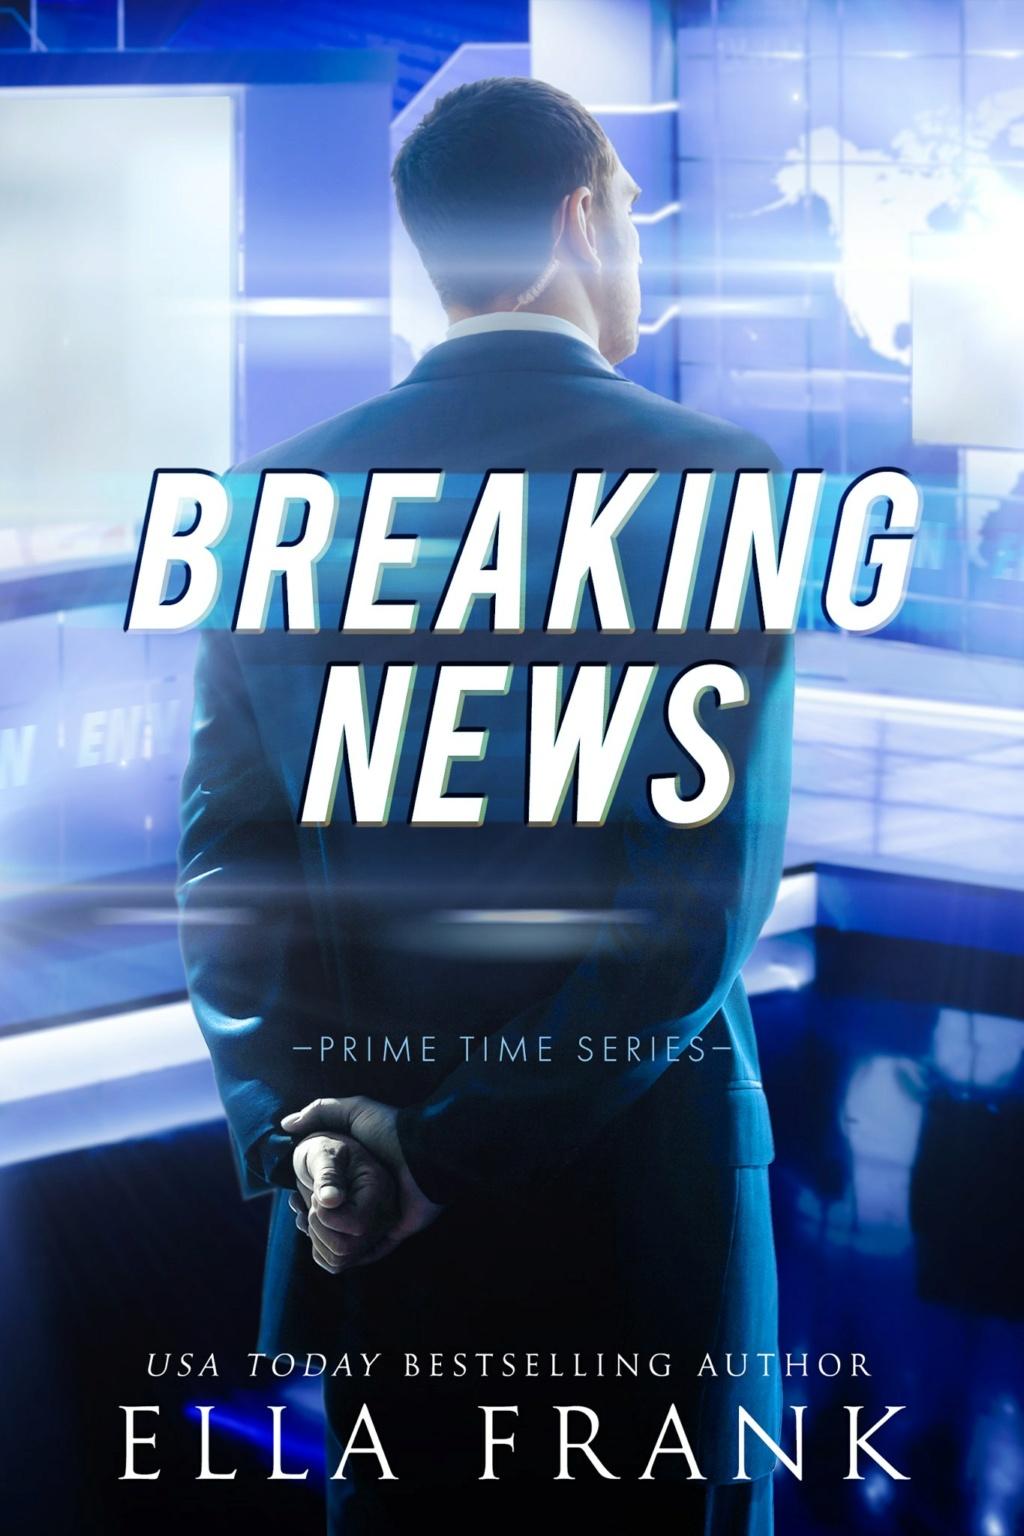 FRANK, Ella - Prime Time Tome 2 - Breaking News Vo_pri10